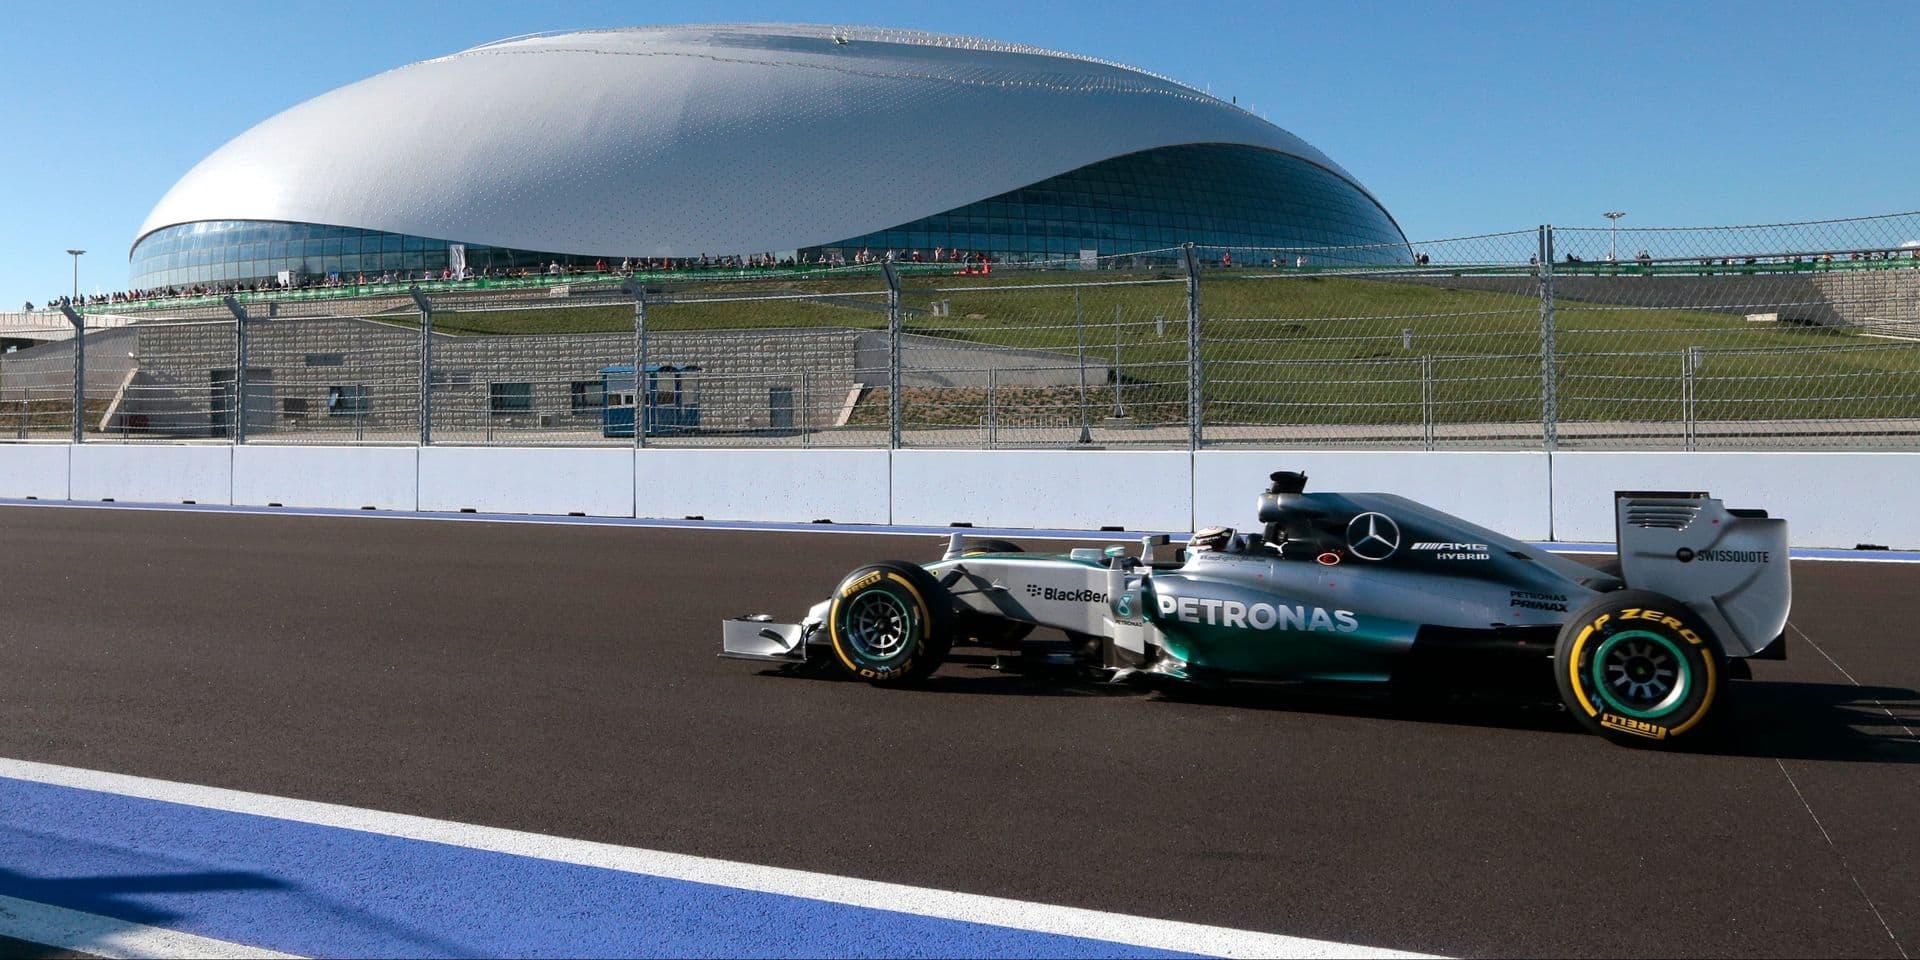 La Russie pense pouvoir être le premier Grand Prix de Formule 1 avec du public en 2020